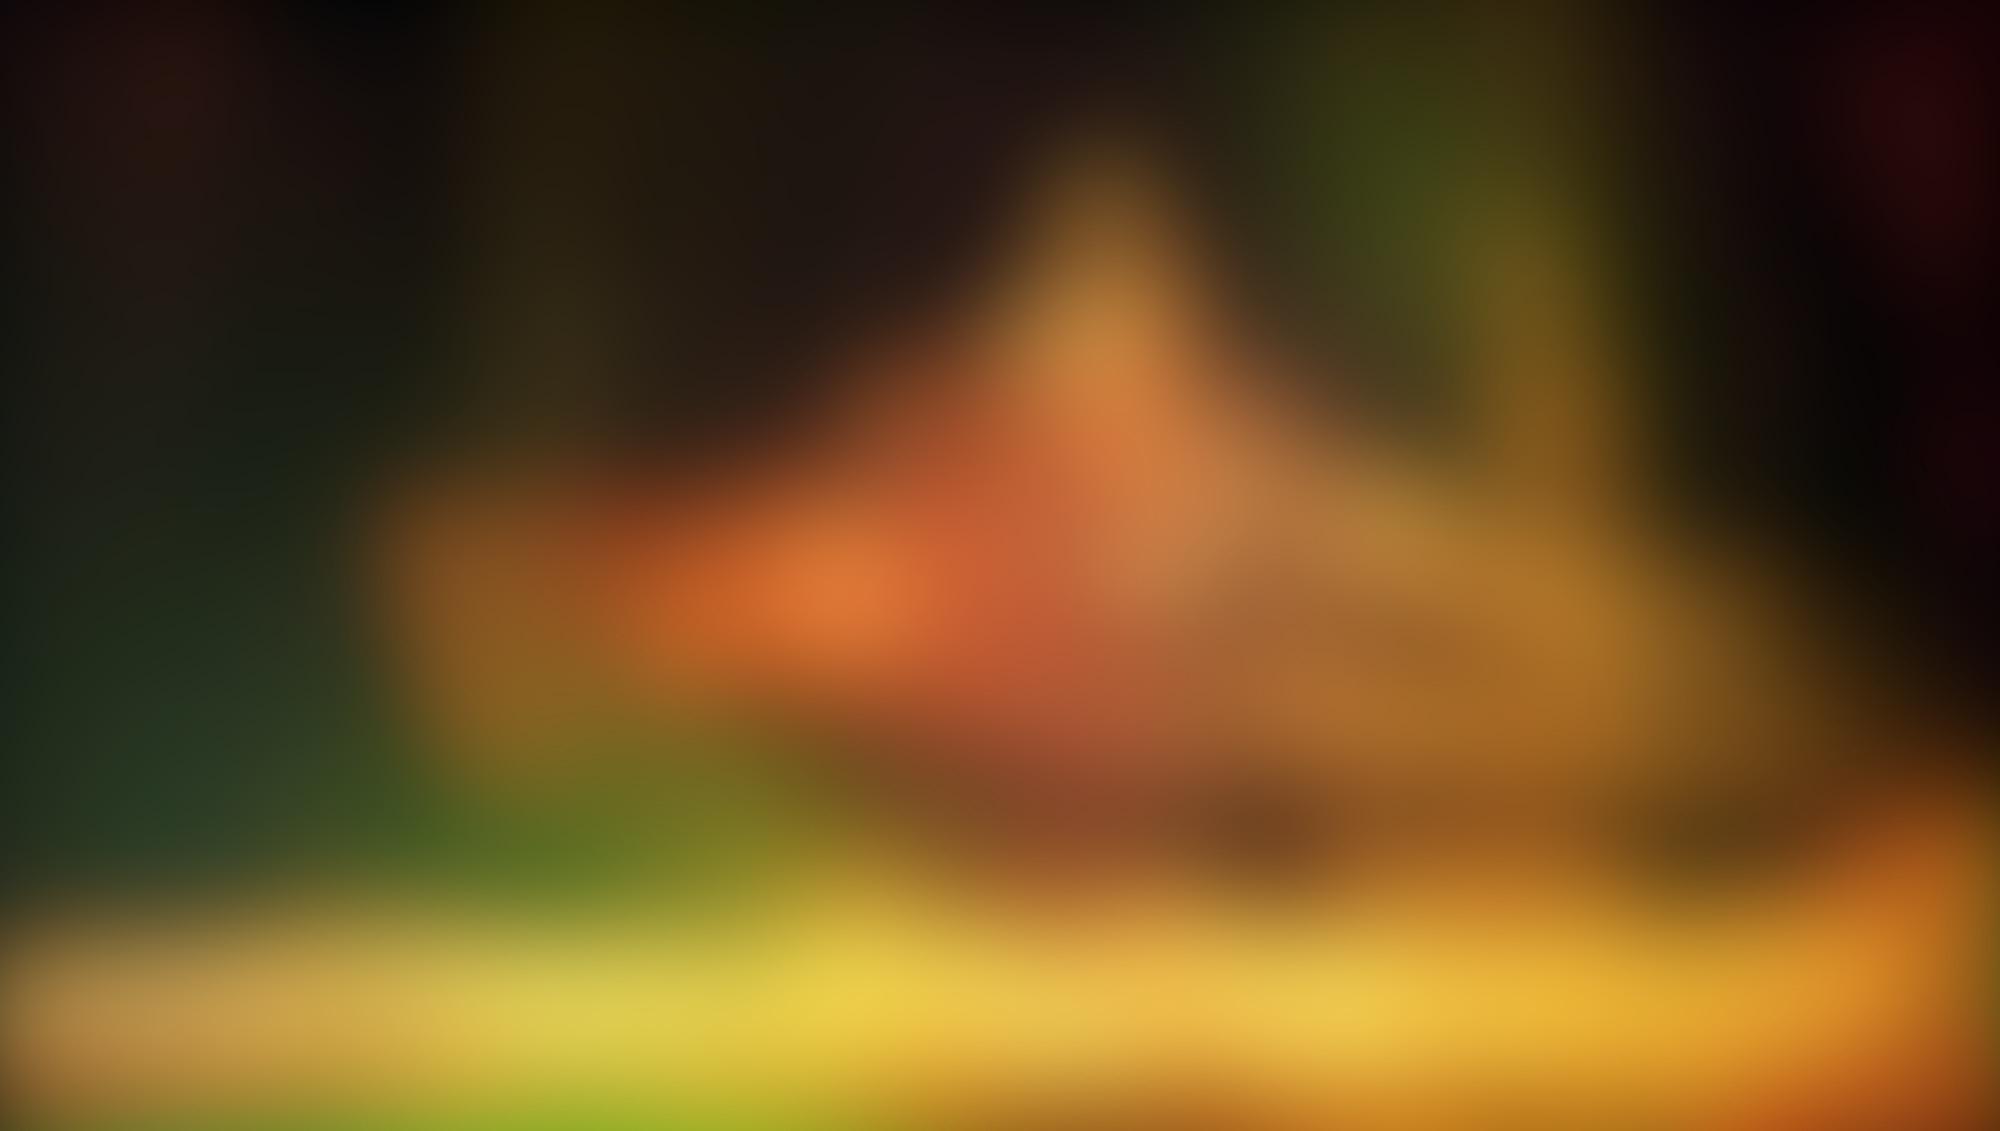 Digital Sand AP 006b autocompressfitresizeixlibphp 1 1 0max h2000max w3 D2000q80s3c47f82a494994373d88ecfffc18cf42